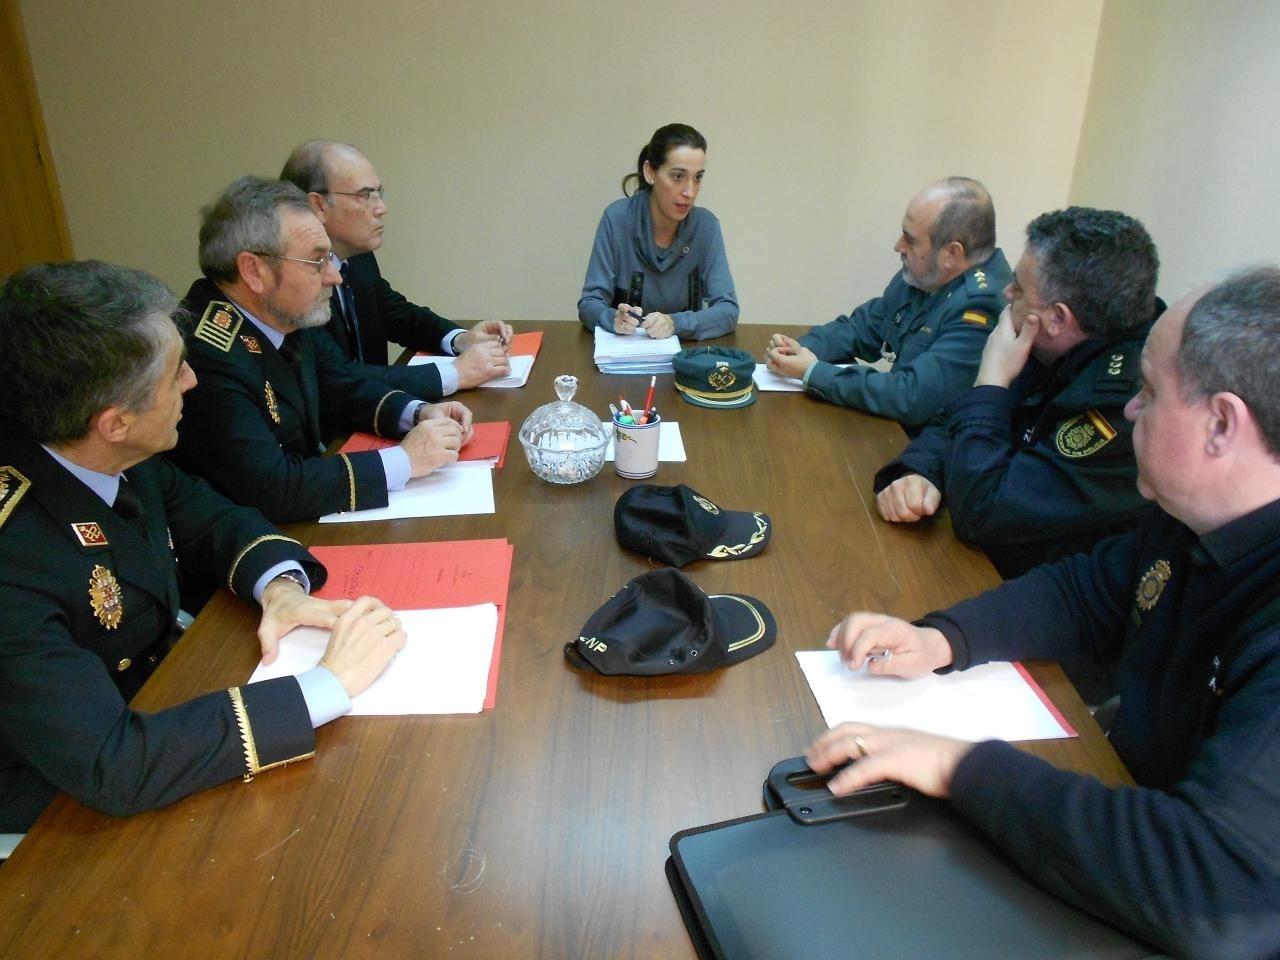 Comienzan las reuniones para diseñar la ordenanza reguladora de la prostitución en el municipio de Murcia